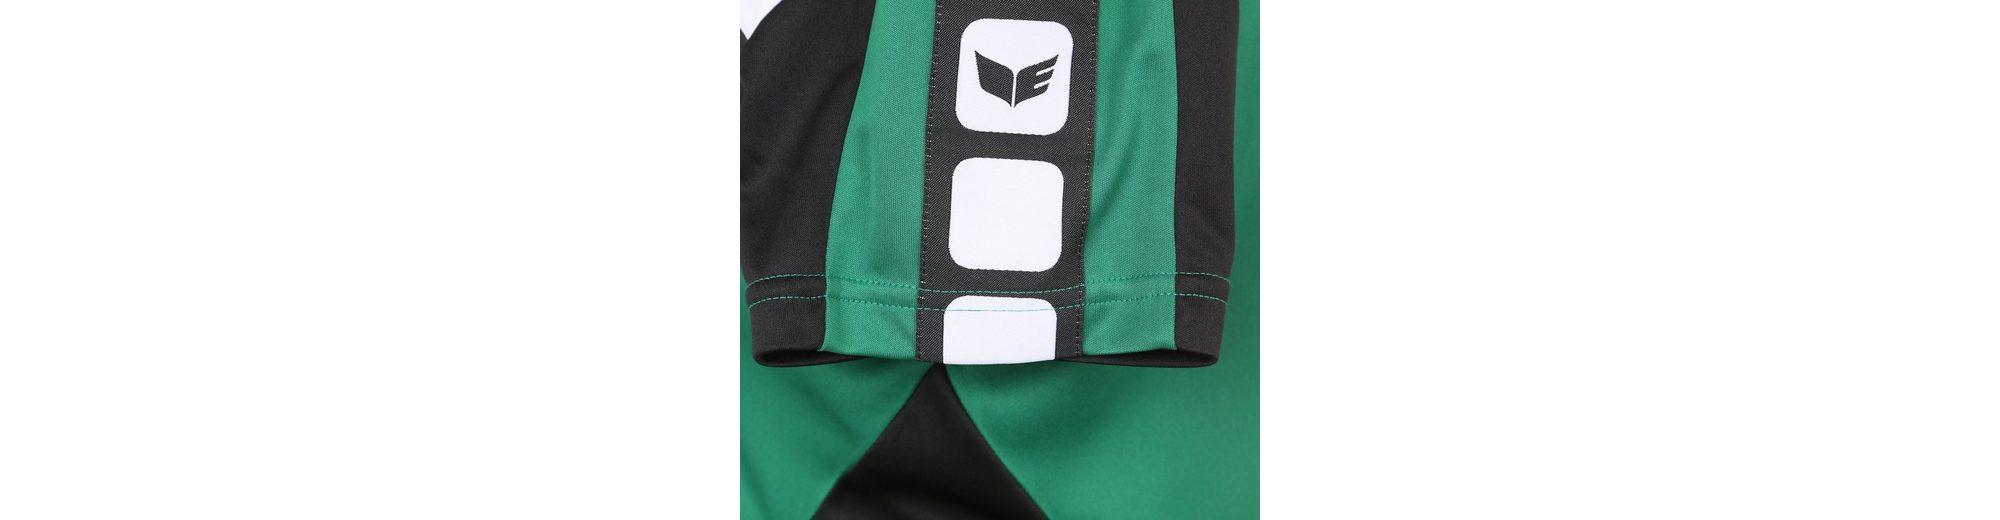 Günstige Spielraum Einkaufen Genießen ERIMA 5-CUBES T-Shirt Damen Billiger Fabrikverkauf Auslass Zahlung Mit Visa Günstig Kaufen Günstigsten Preis uYmAu18Z9